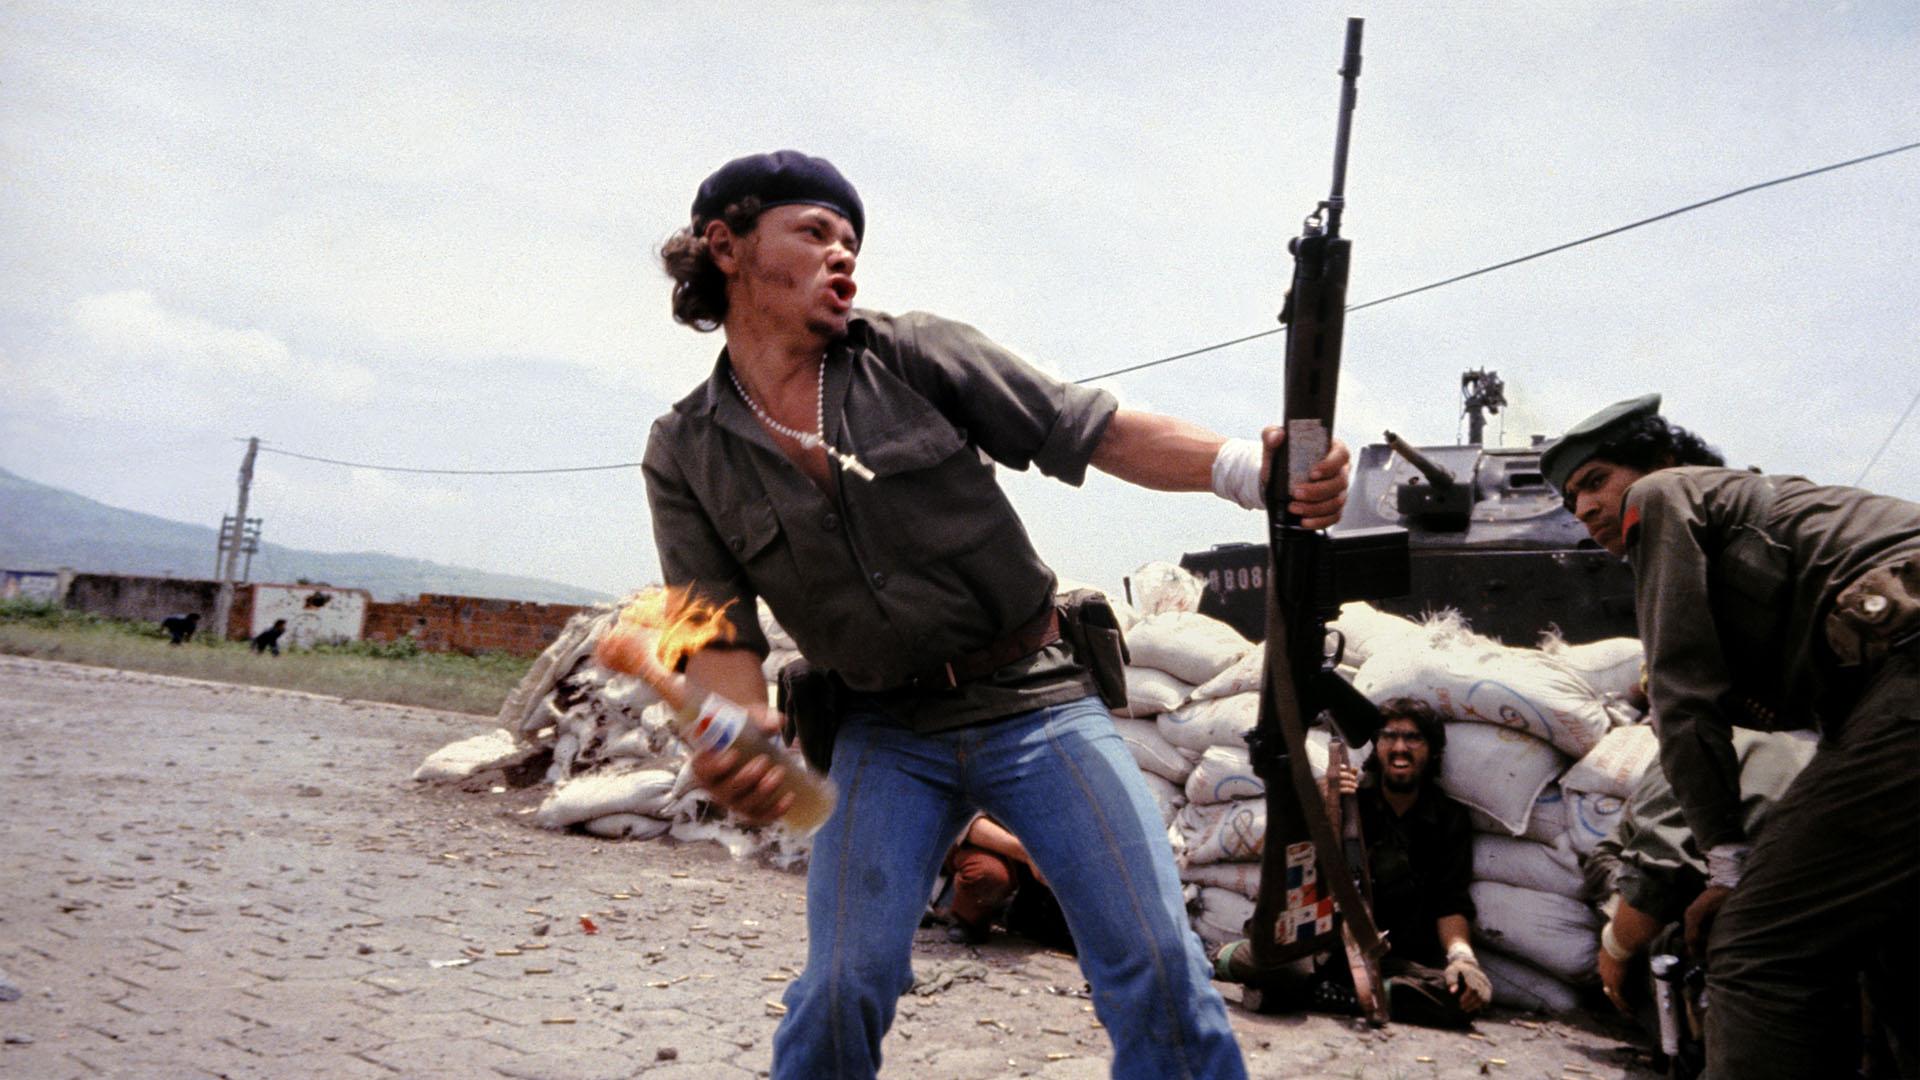 Sandinistas nos muros do quartel da Guarda Nacional: o homem-molotov, Estelí, Nicarágua, 16 de julho de 1979. © Susan Meiselas/Magnum Photos